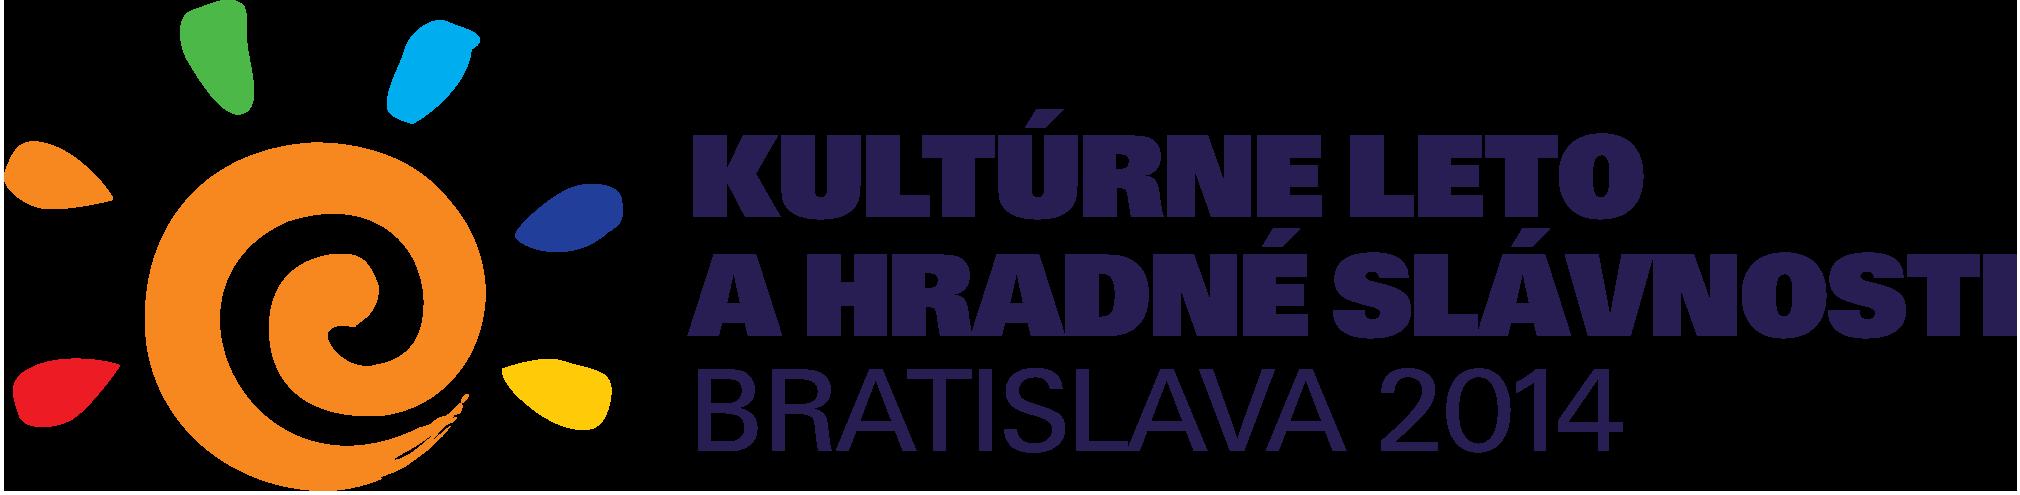 Kultúrne leto a Hradné slávnosti Bratislava 2014